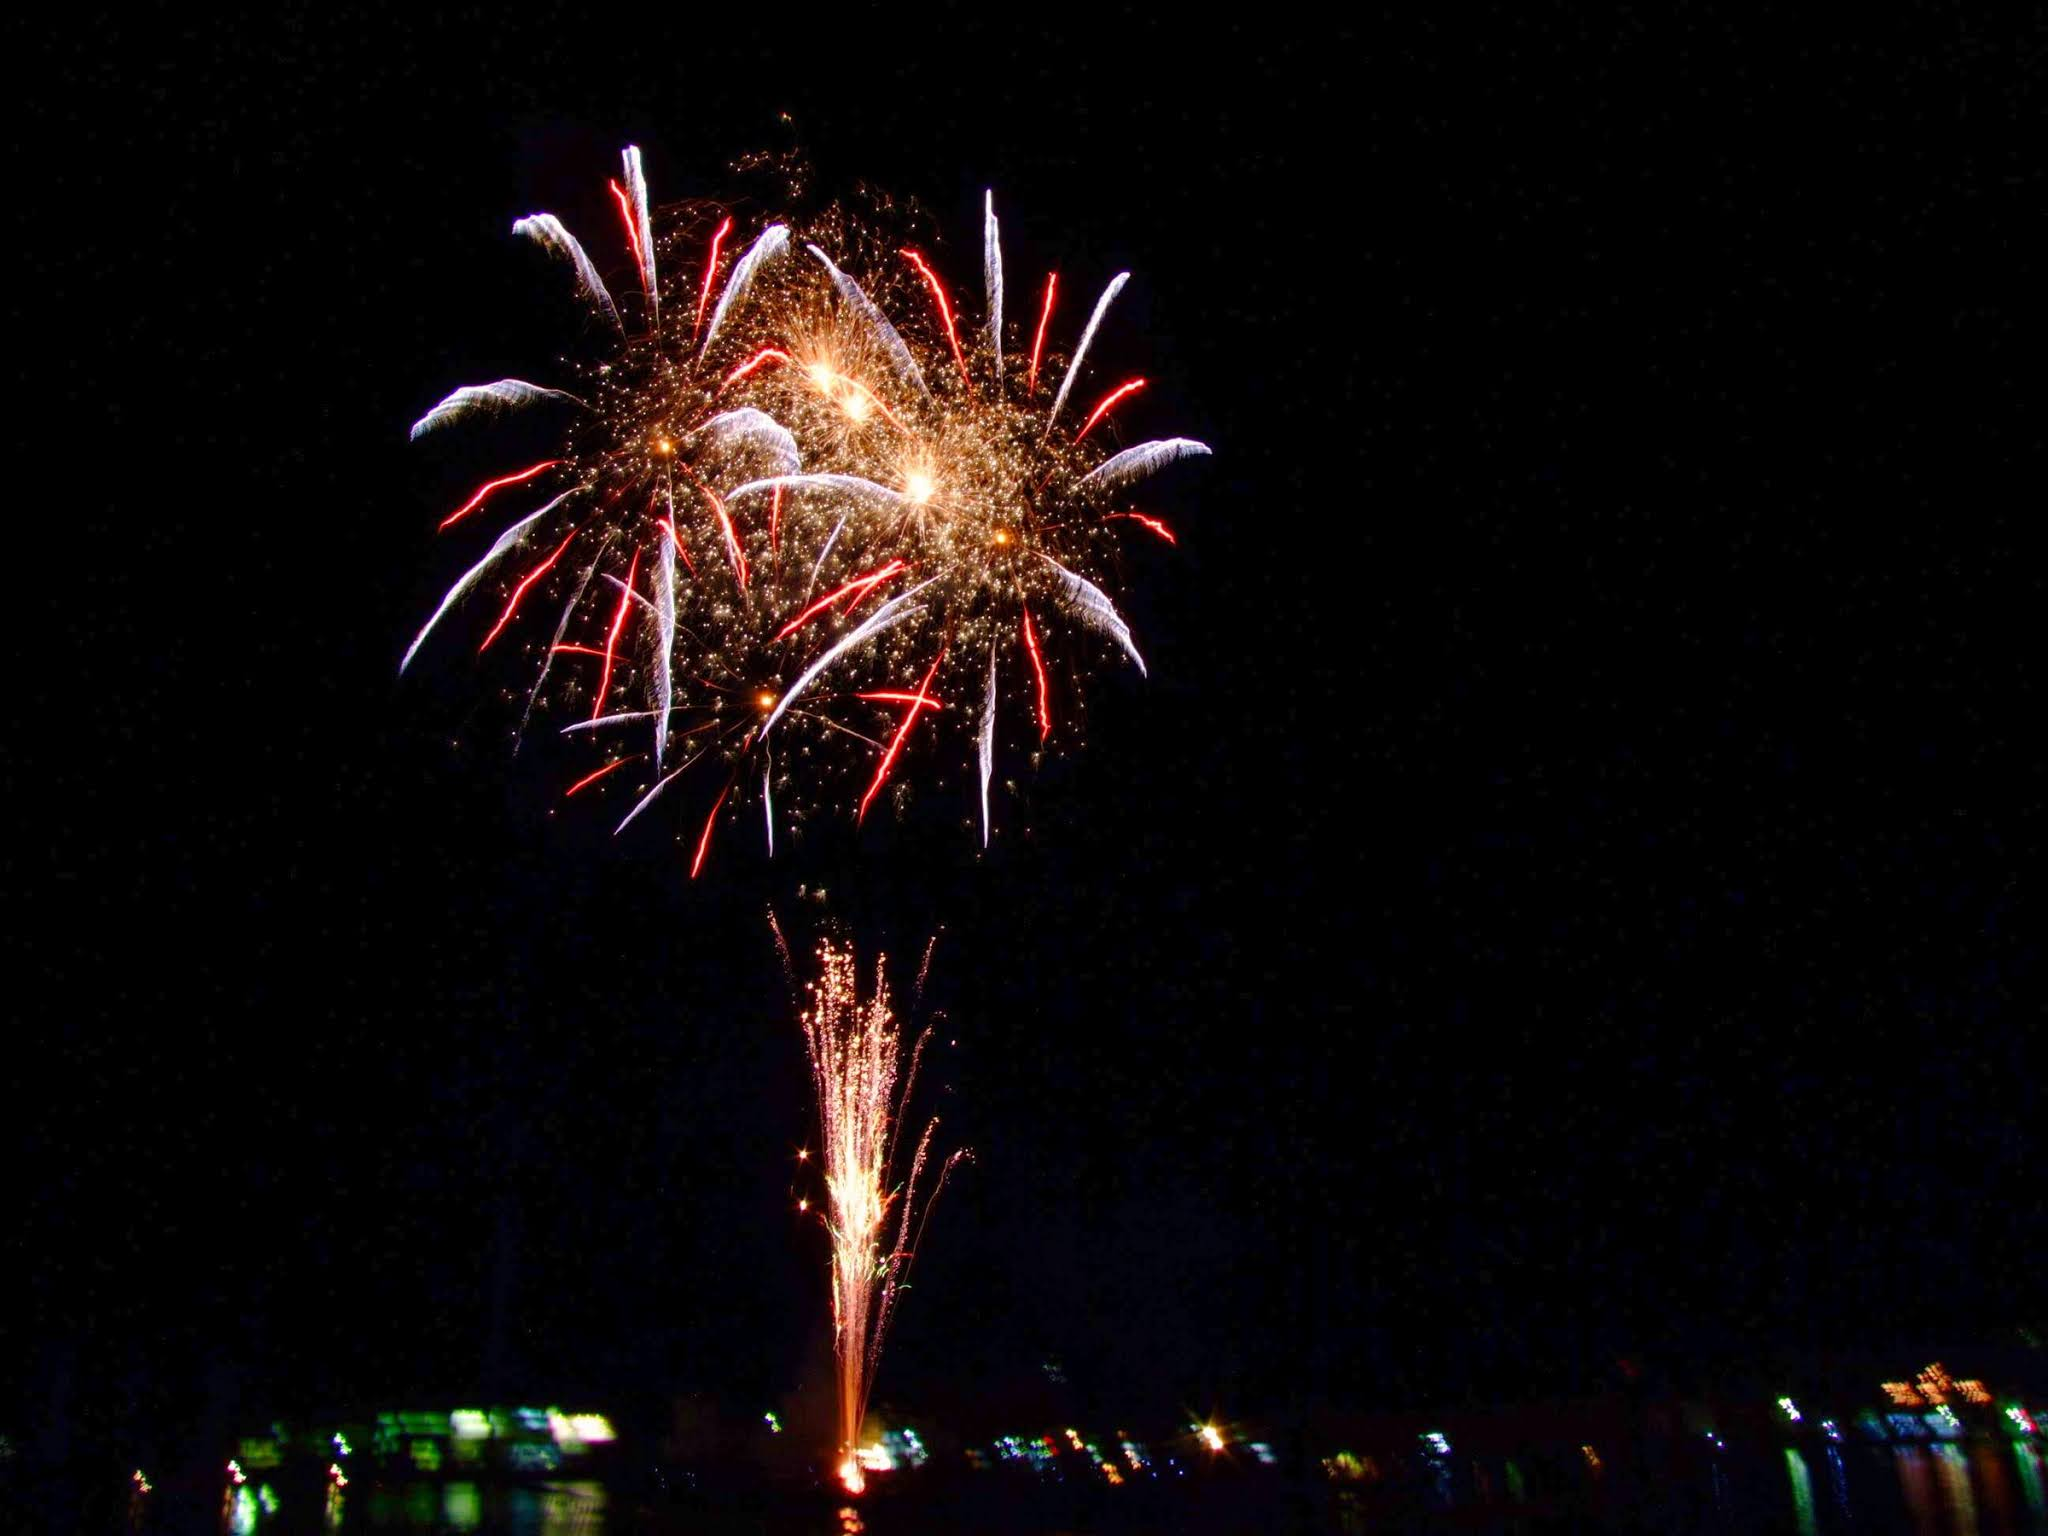 夏,花火,夜,夜空,綺麗,写真素材,summer,fireworks,night,night sky,beautiful,photograph